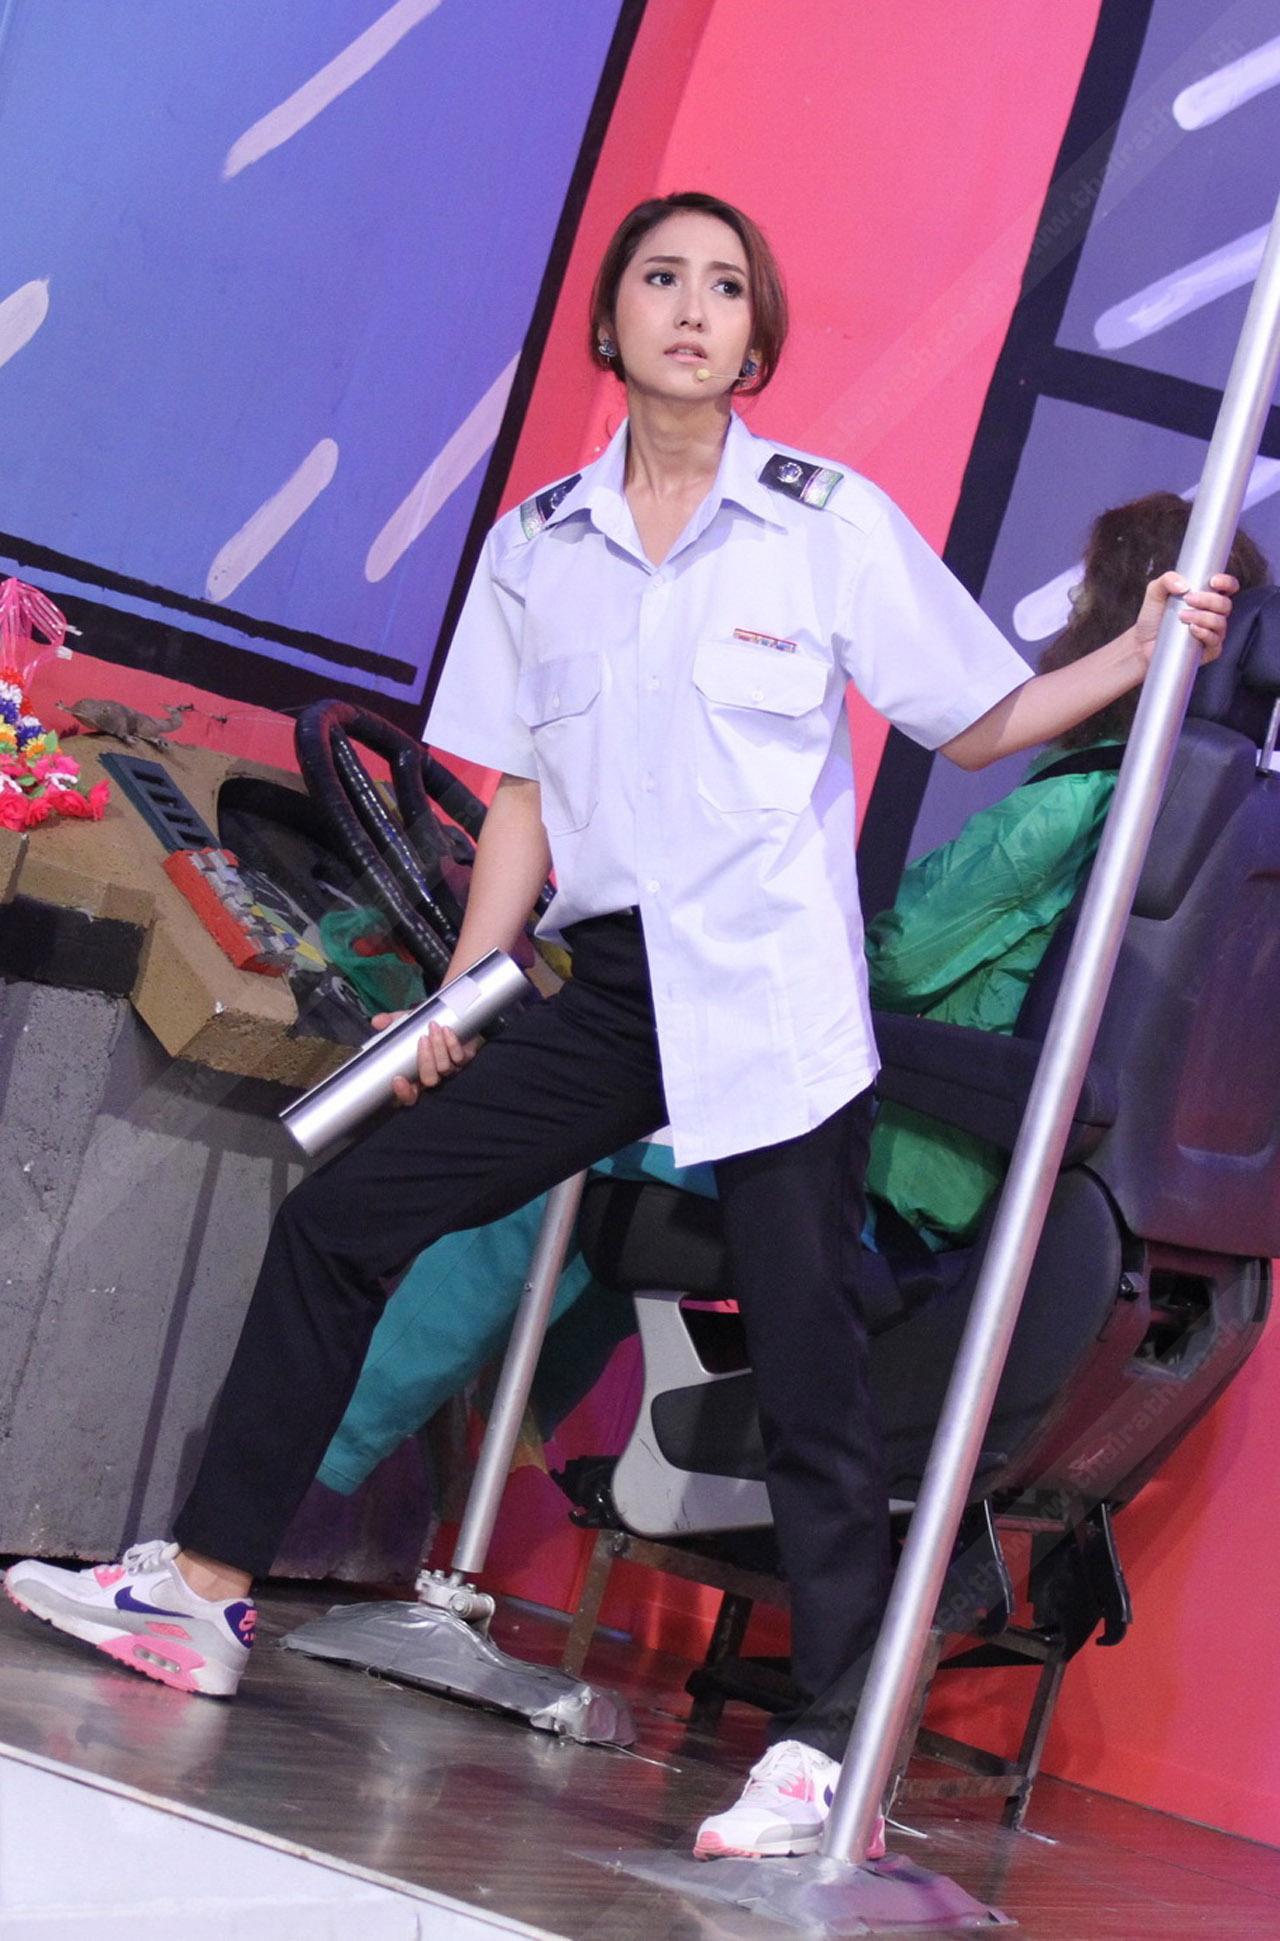 เจี๊ยบ-ชมพูนุช